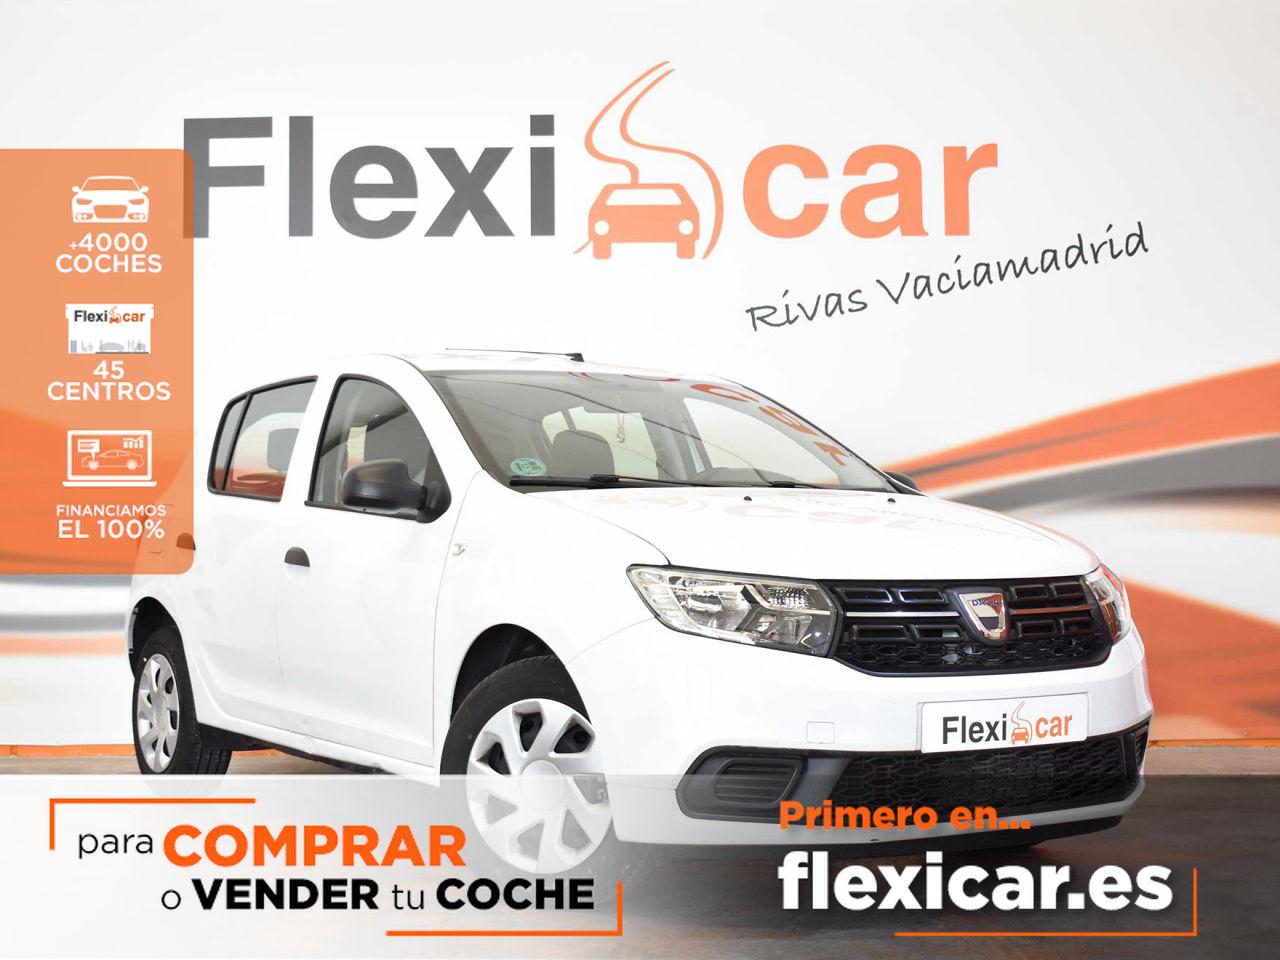 Dacia Sandero ocasión segunda mano 2019 Gasolina por 9.490€ en Huelva